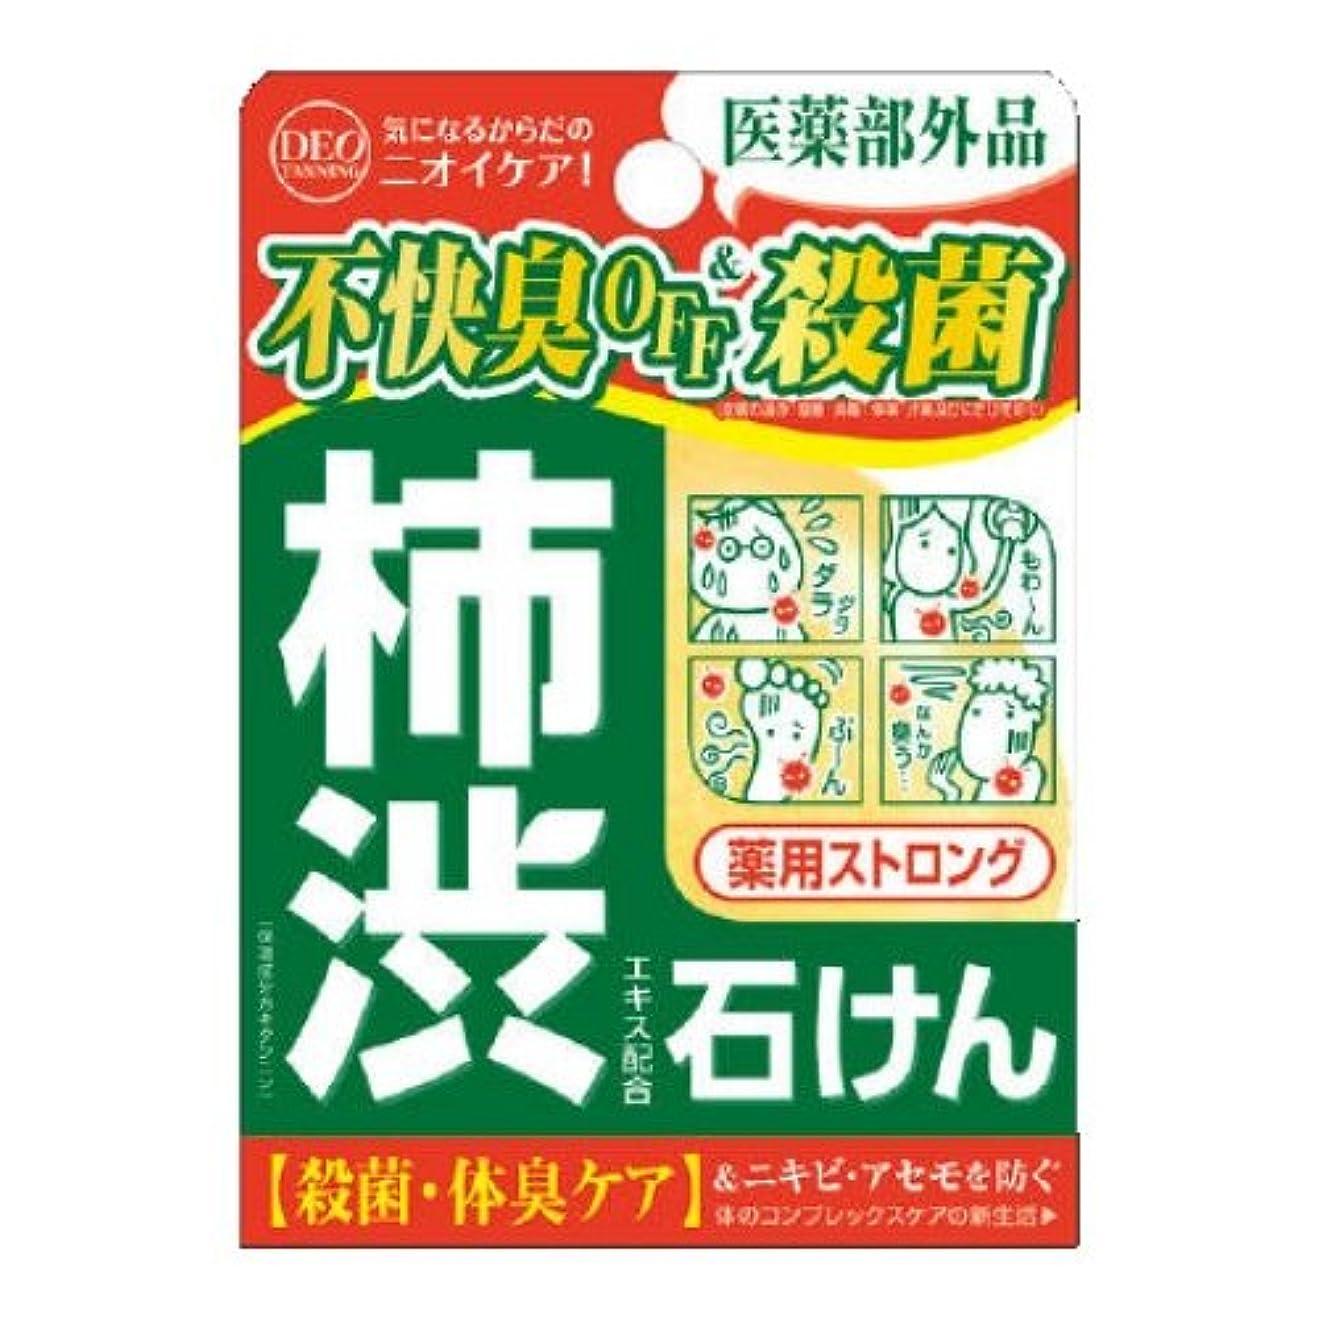 オフセットサミュエルばかげているデオタンニング 薬用ストロング ソープ 100g (医薬部外品)